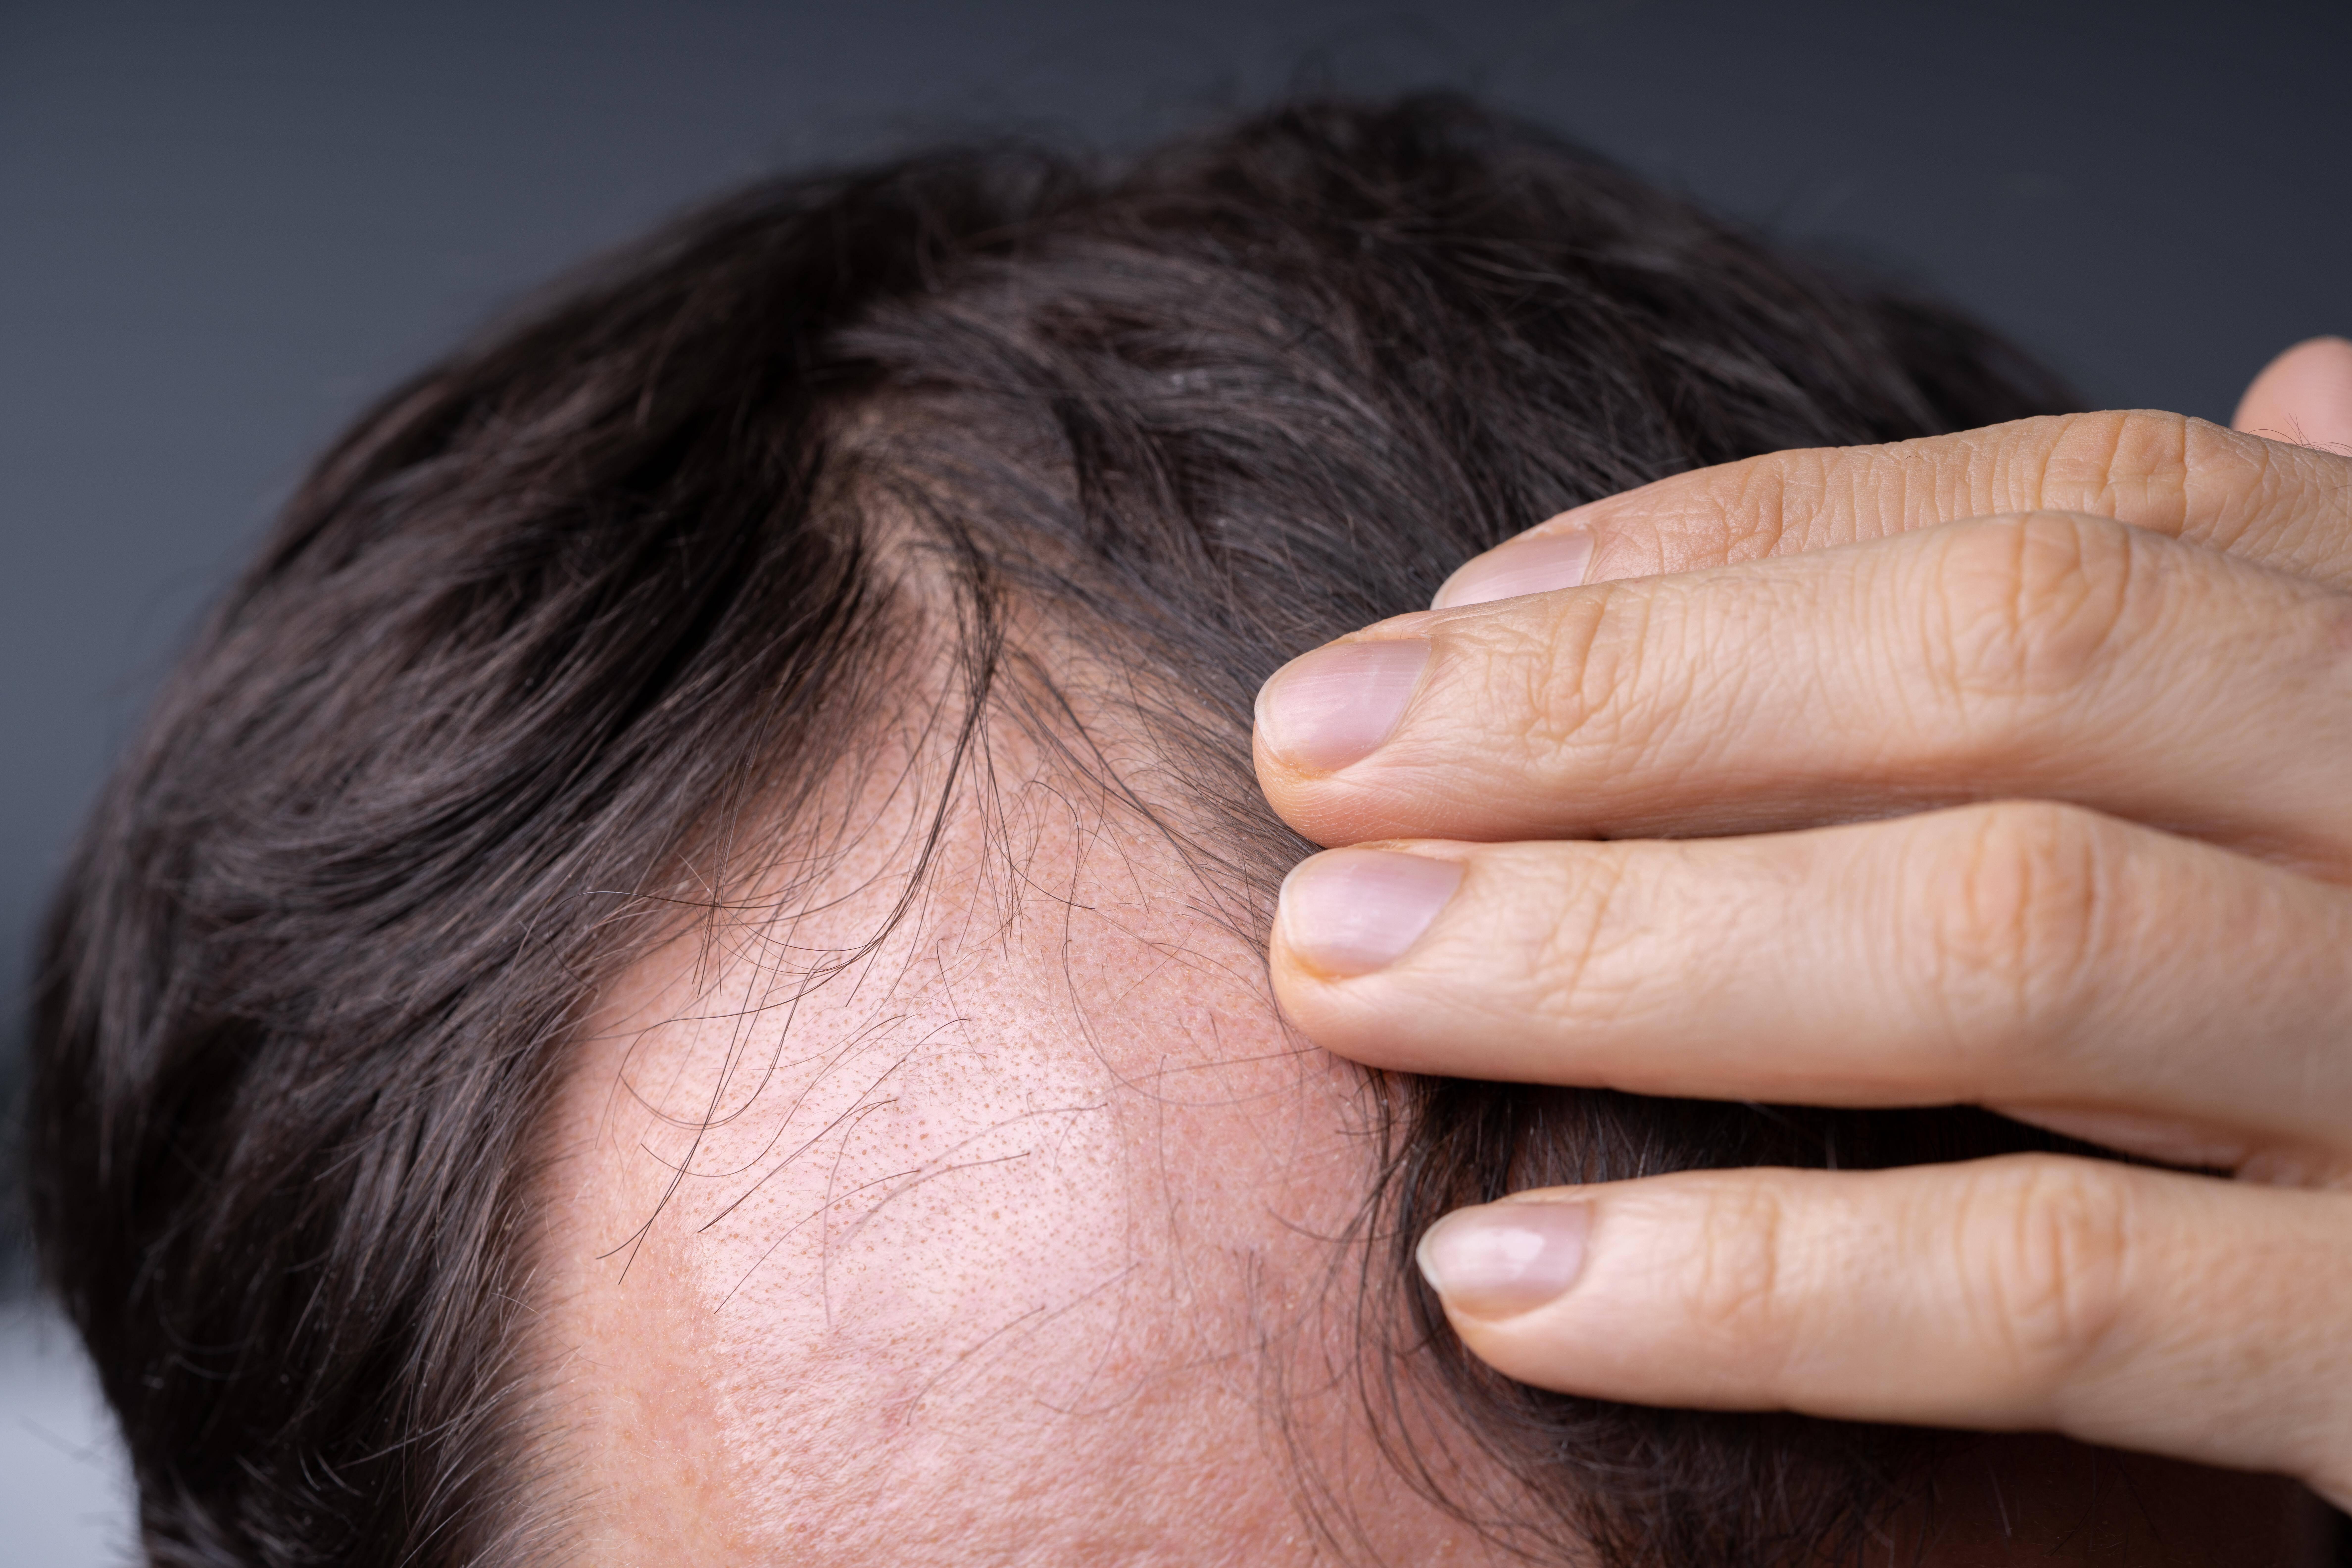 Trichodynie: Kopfhaut schmerzt bei Haarwurzelentzündung